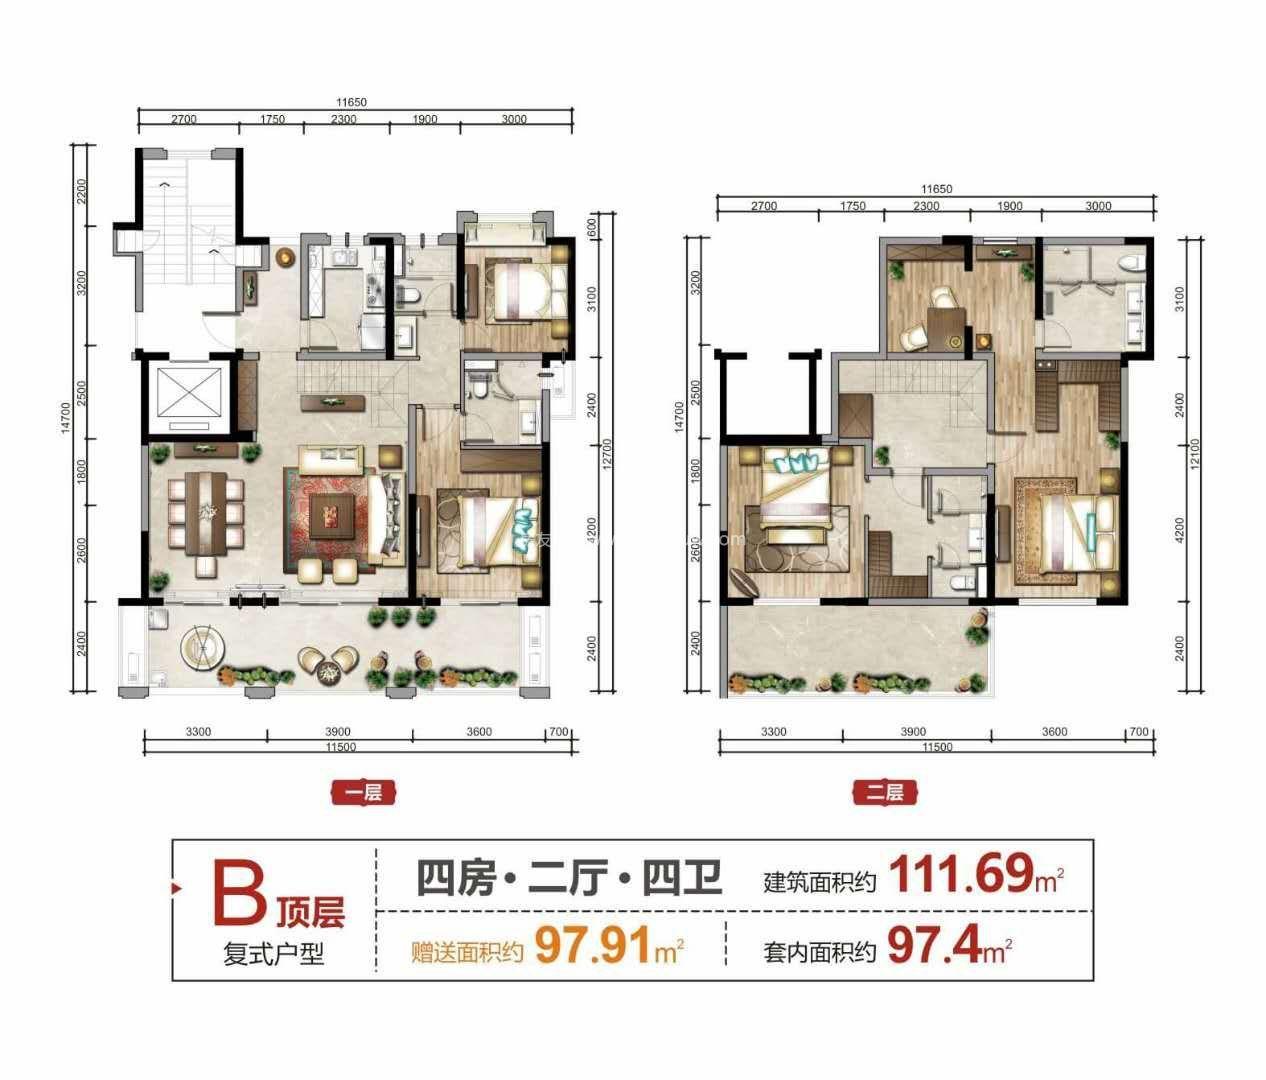 B顶层复式户型 4室2厅4卫1厨 建面111.69㎡